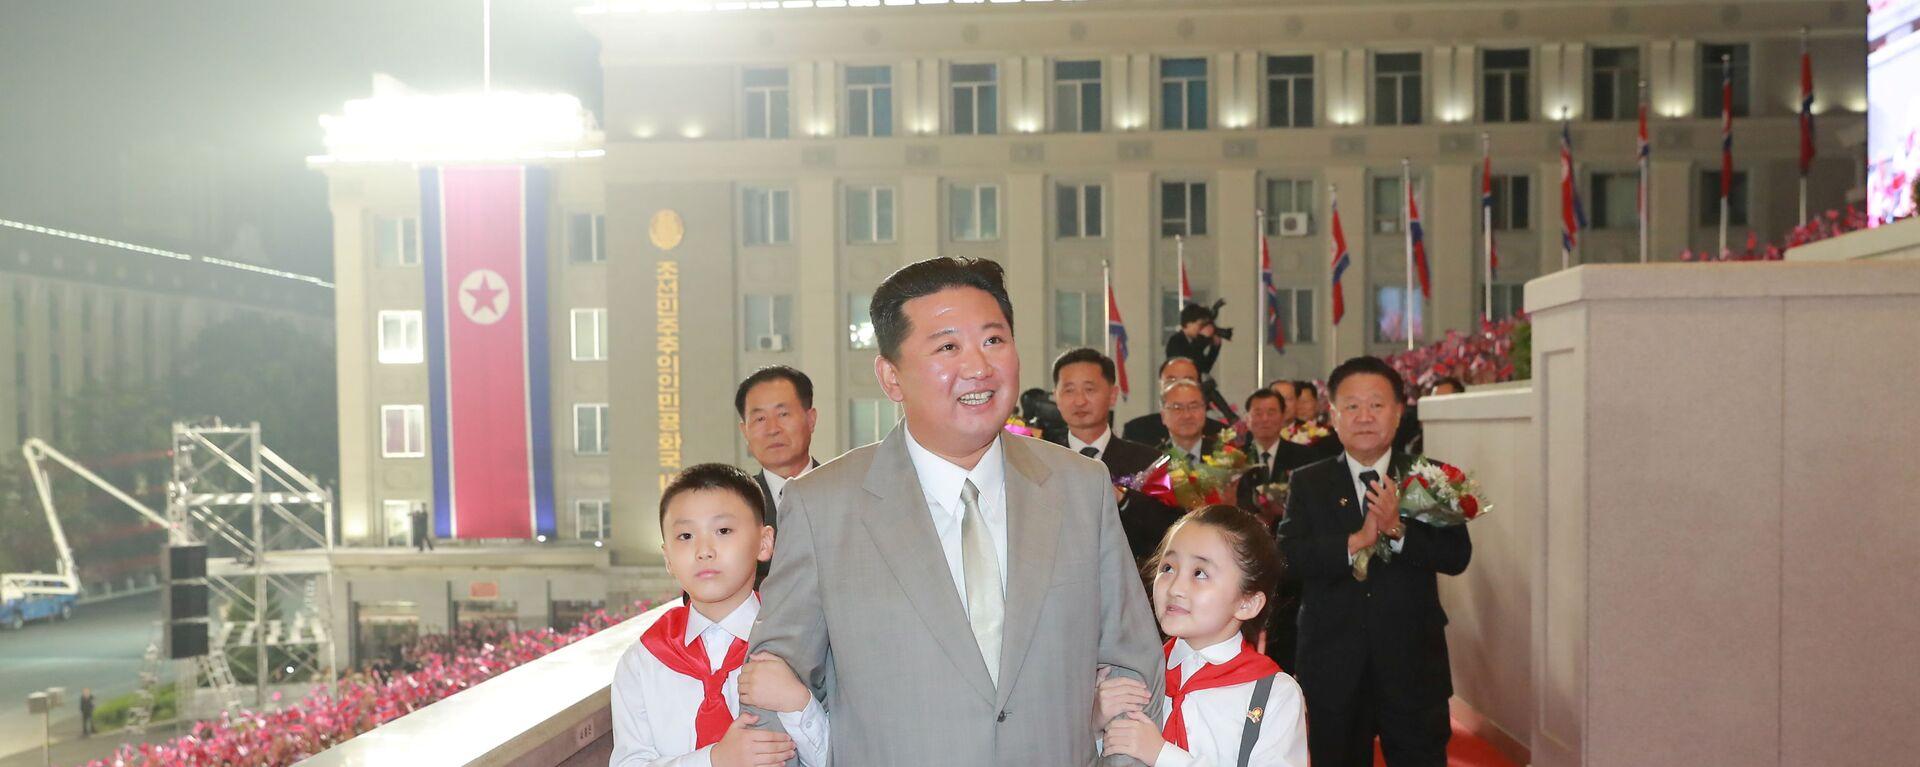 Kim Čong-un během přehlídky na počest 73. výročí sestavení Lidové vlády a vyhlášení KLDR - Sputnik Česká republika, 1920, 09.09.2021